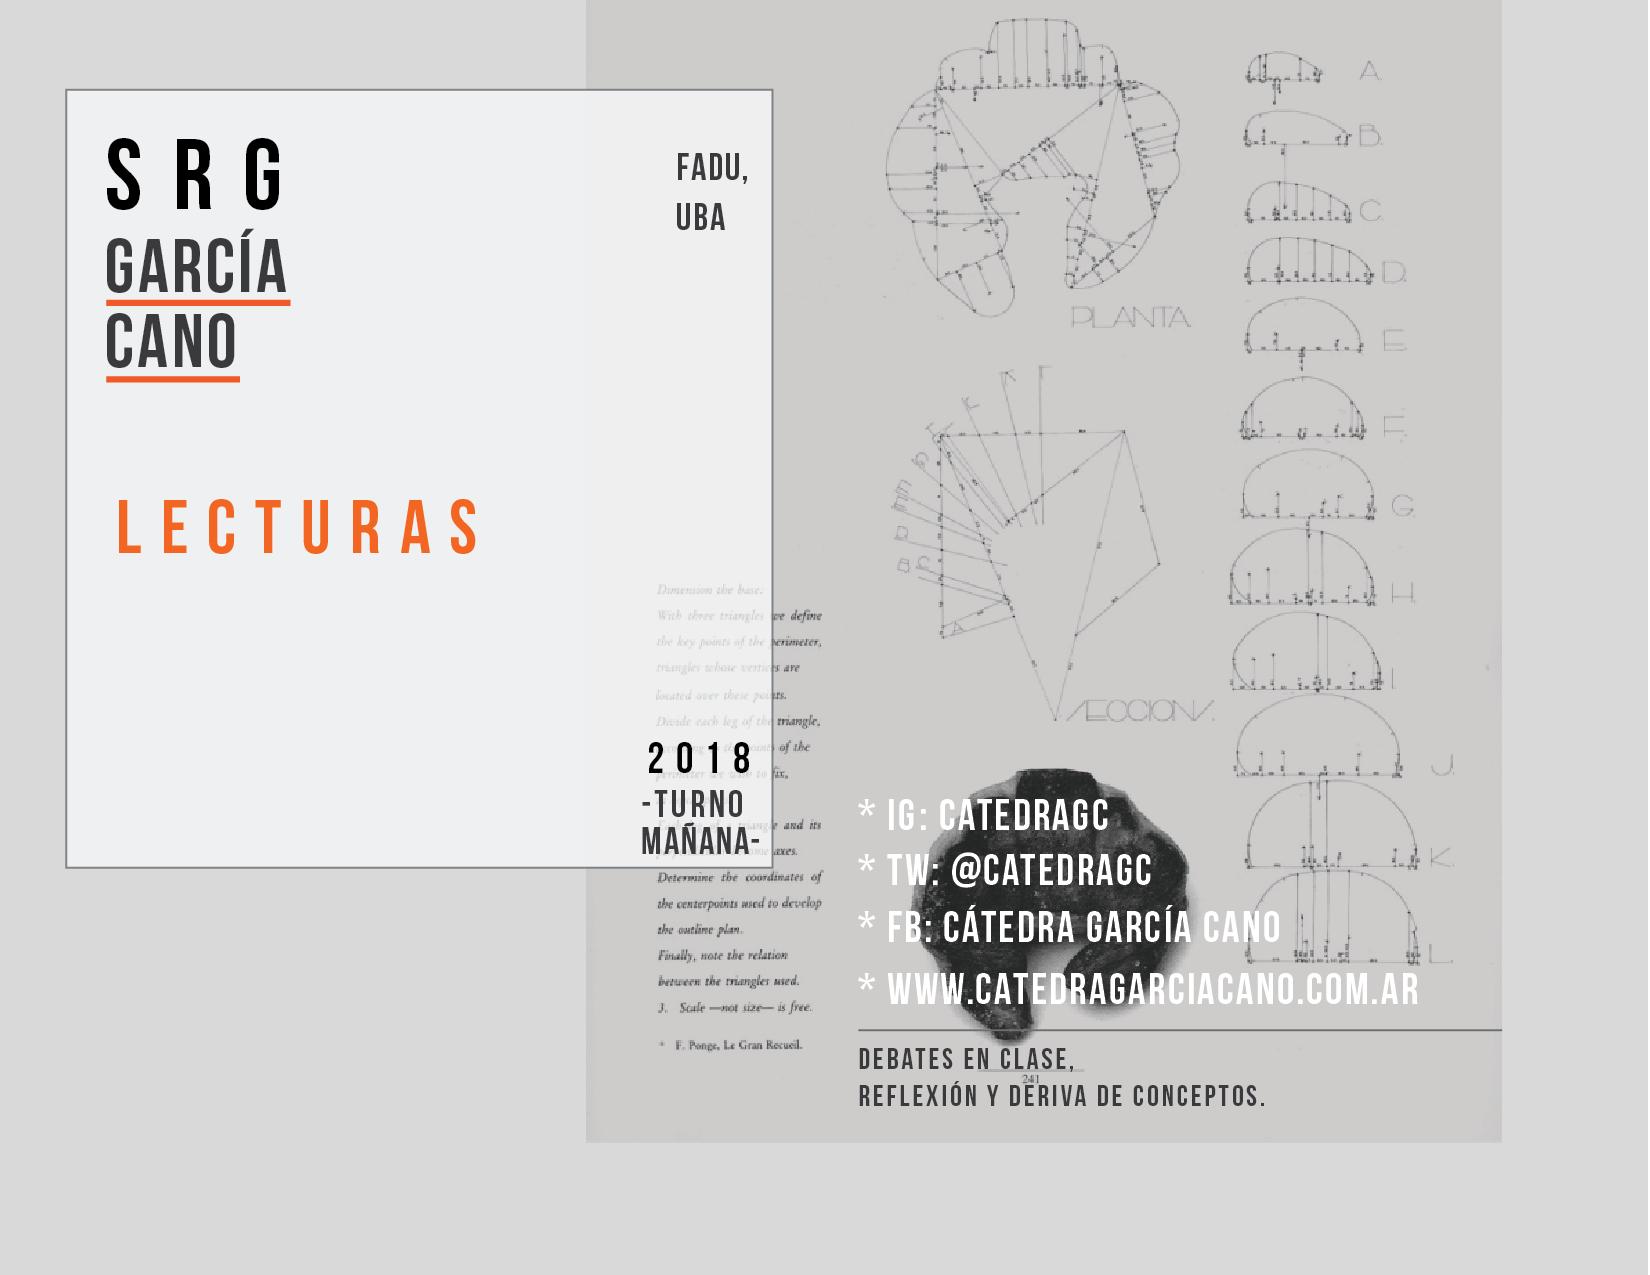 afiche-srg-18_lecturas-01-07